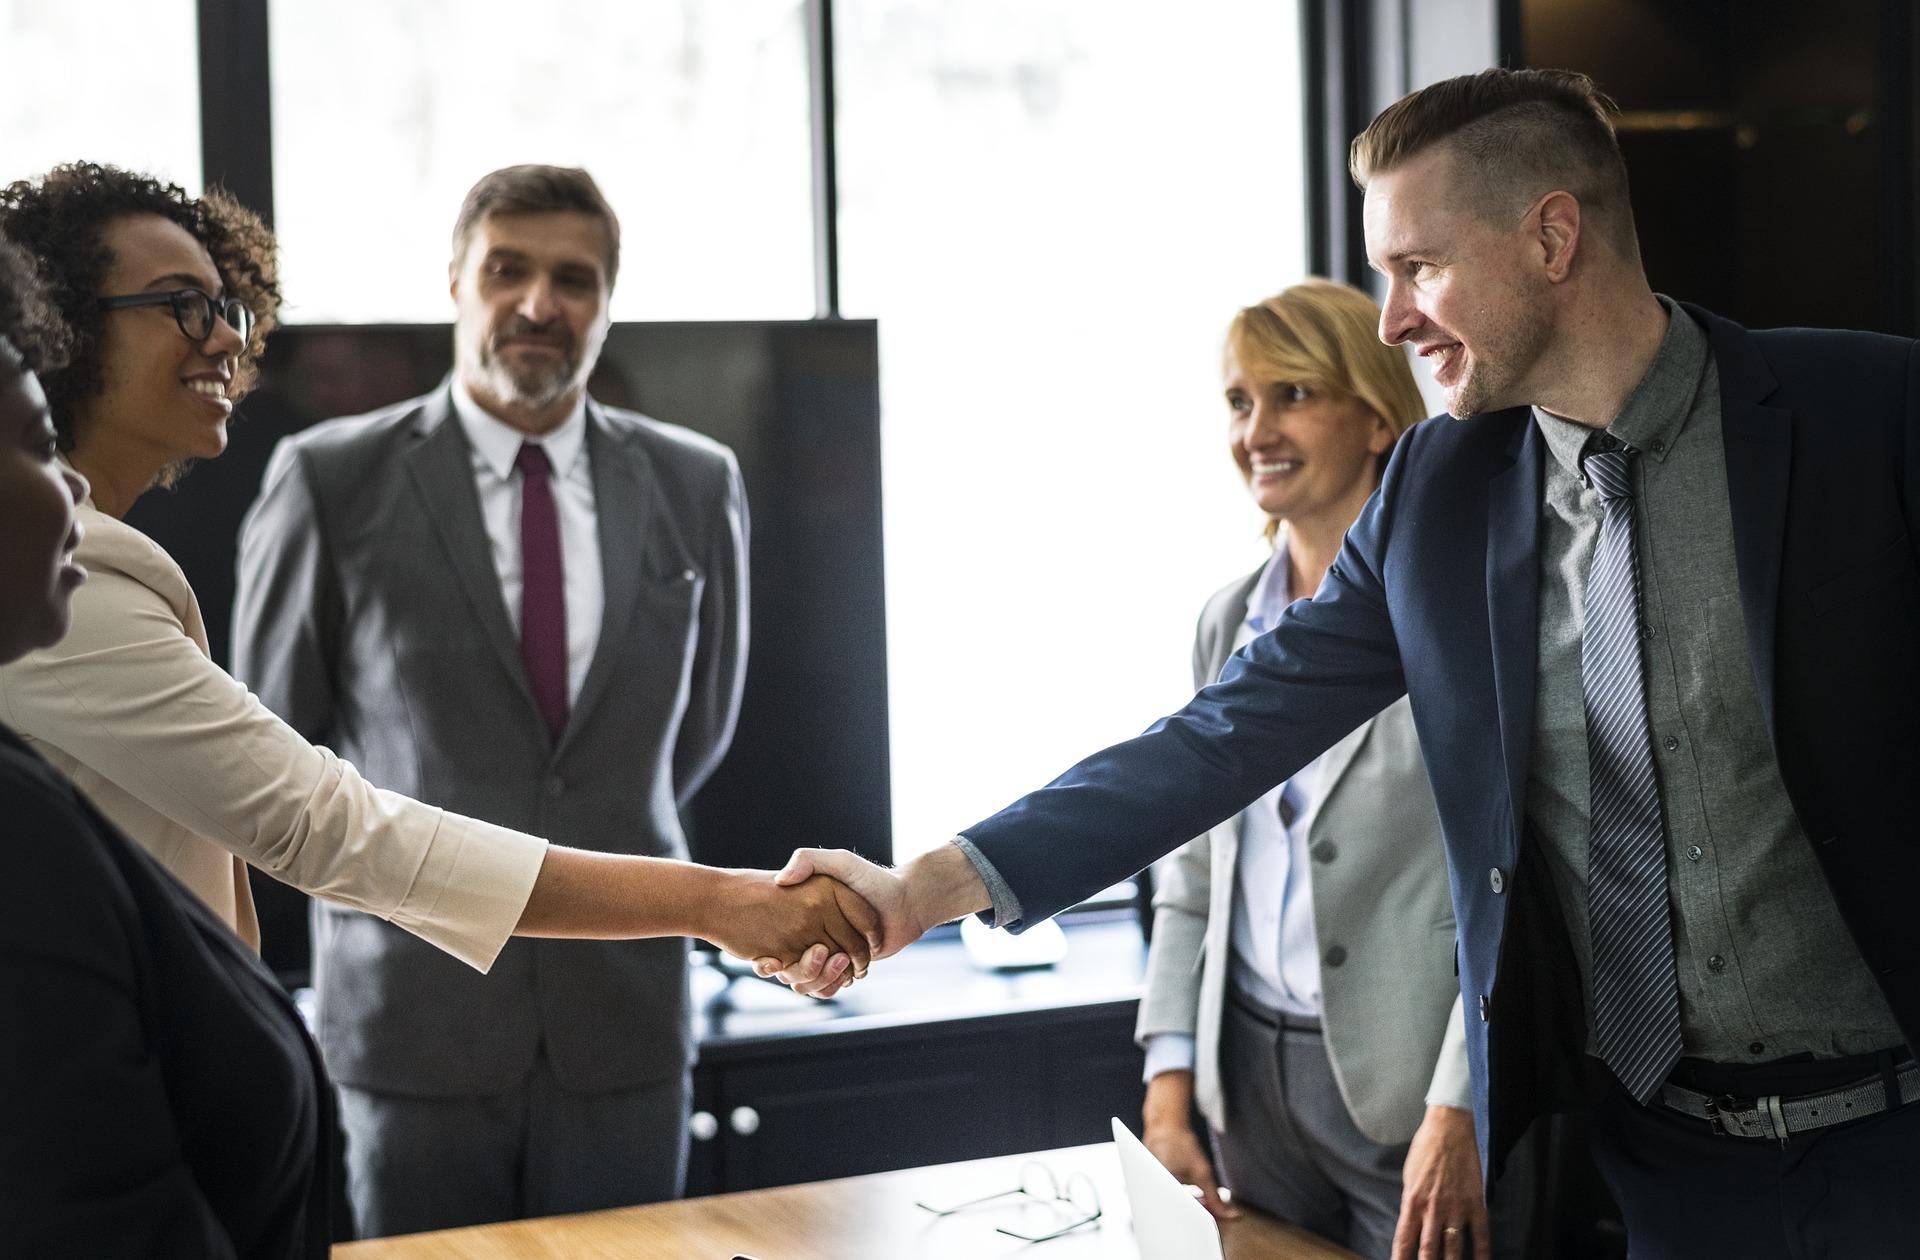 EXLIBRA - Czym rozni sie umowa o prace od umow cywilnoprawnych